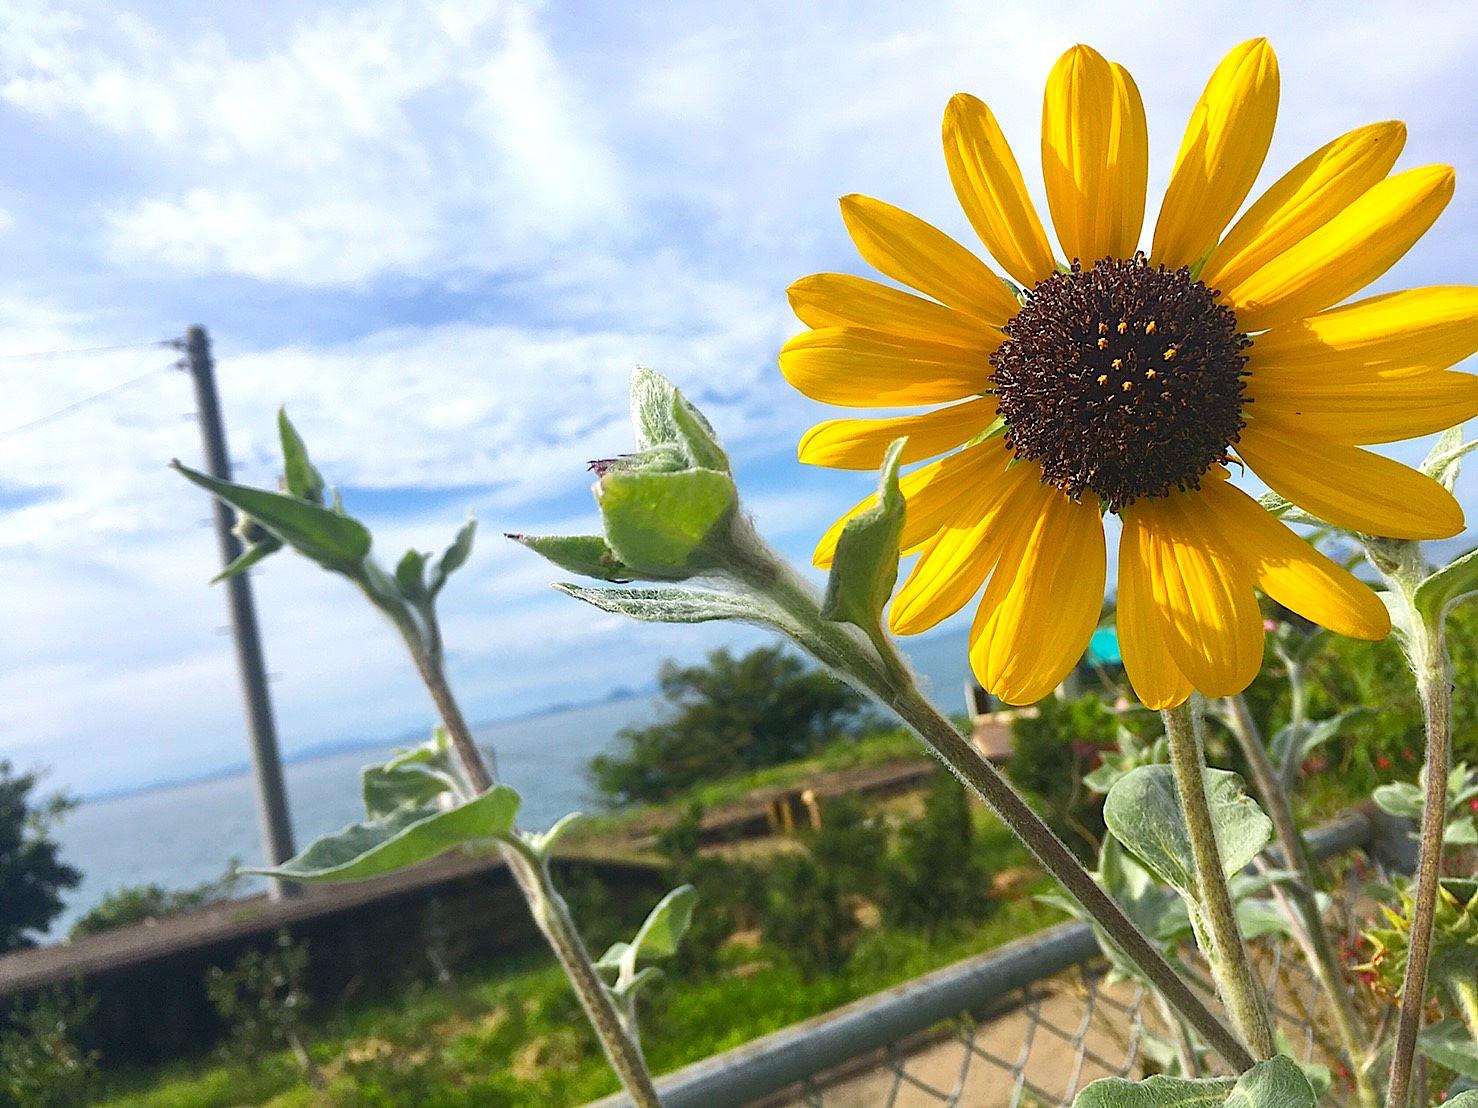 愛媛県のおすすめフォトスポット 日本一海に近い下灘駅